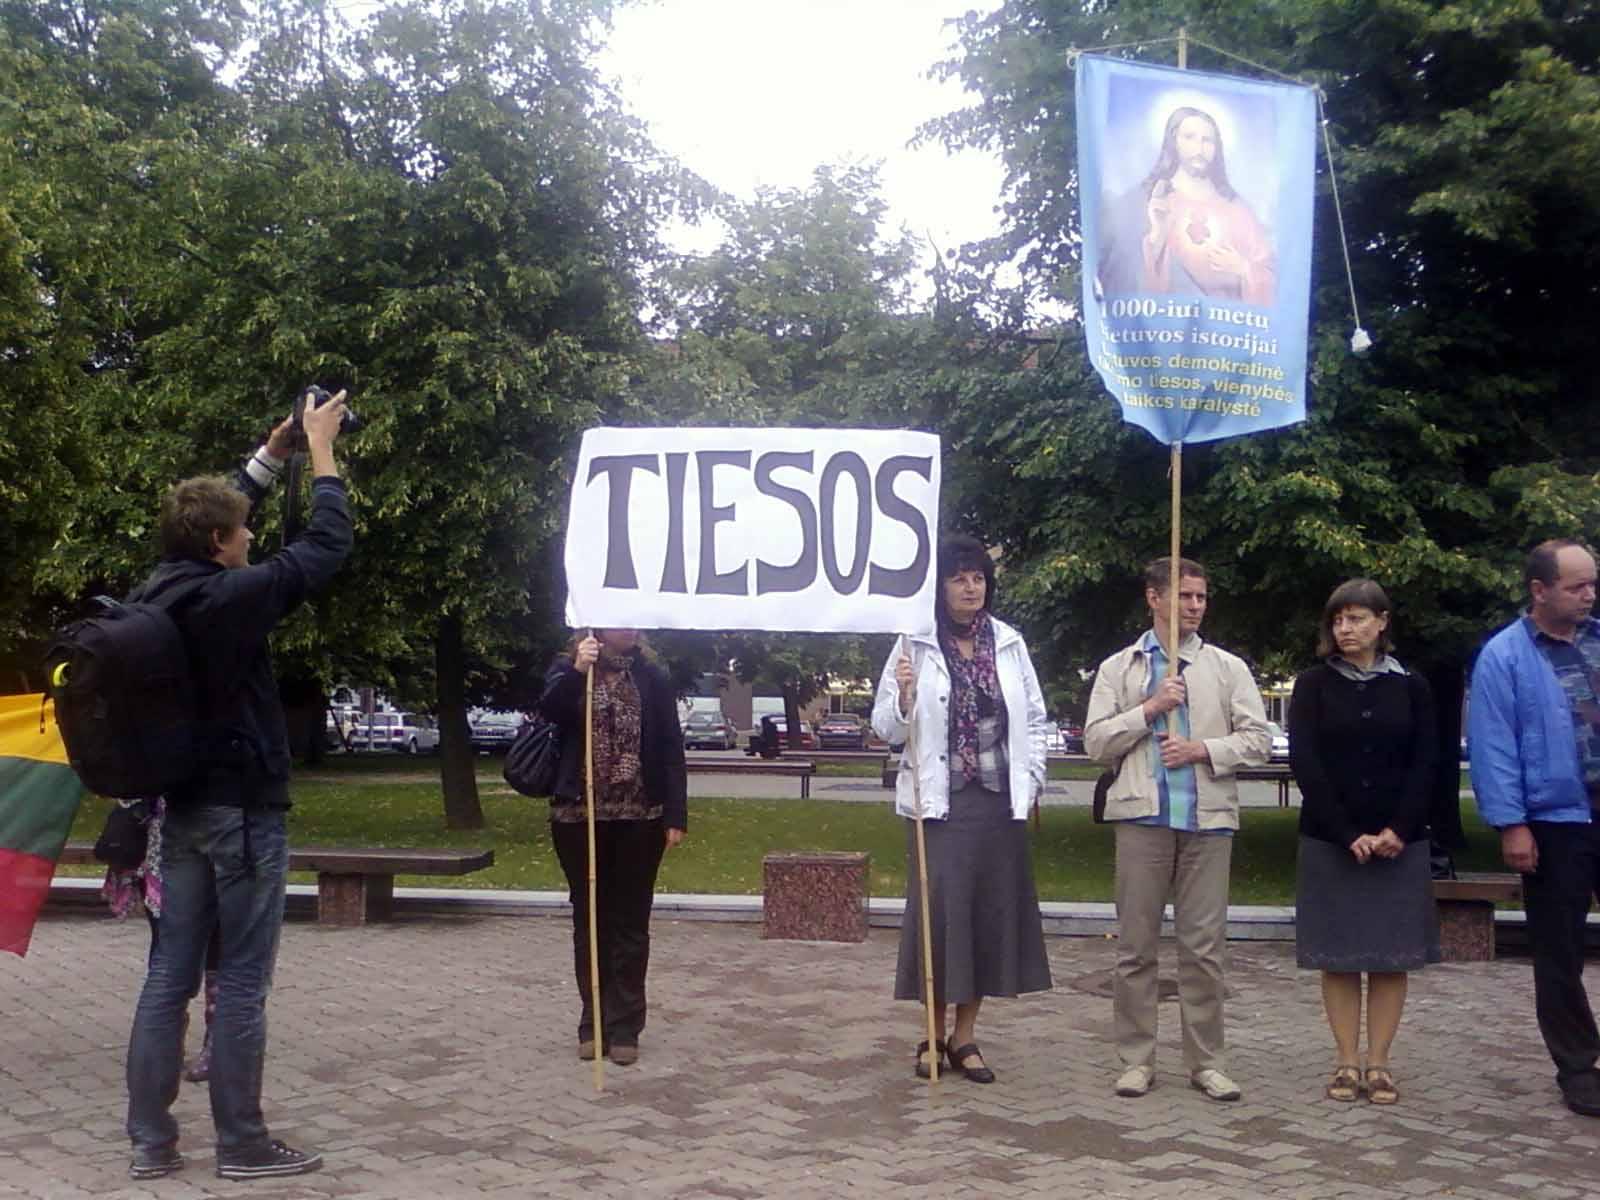 Posėdžiaujant komisijai N.Venckienės šalininkai piketuoja prie Seimo 20012 06 22 d. | Alkas.lt, J.Vaiškūno nuotr.